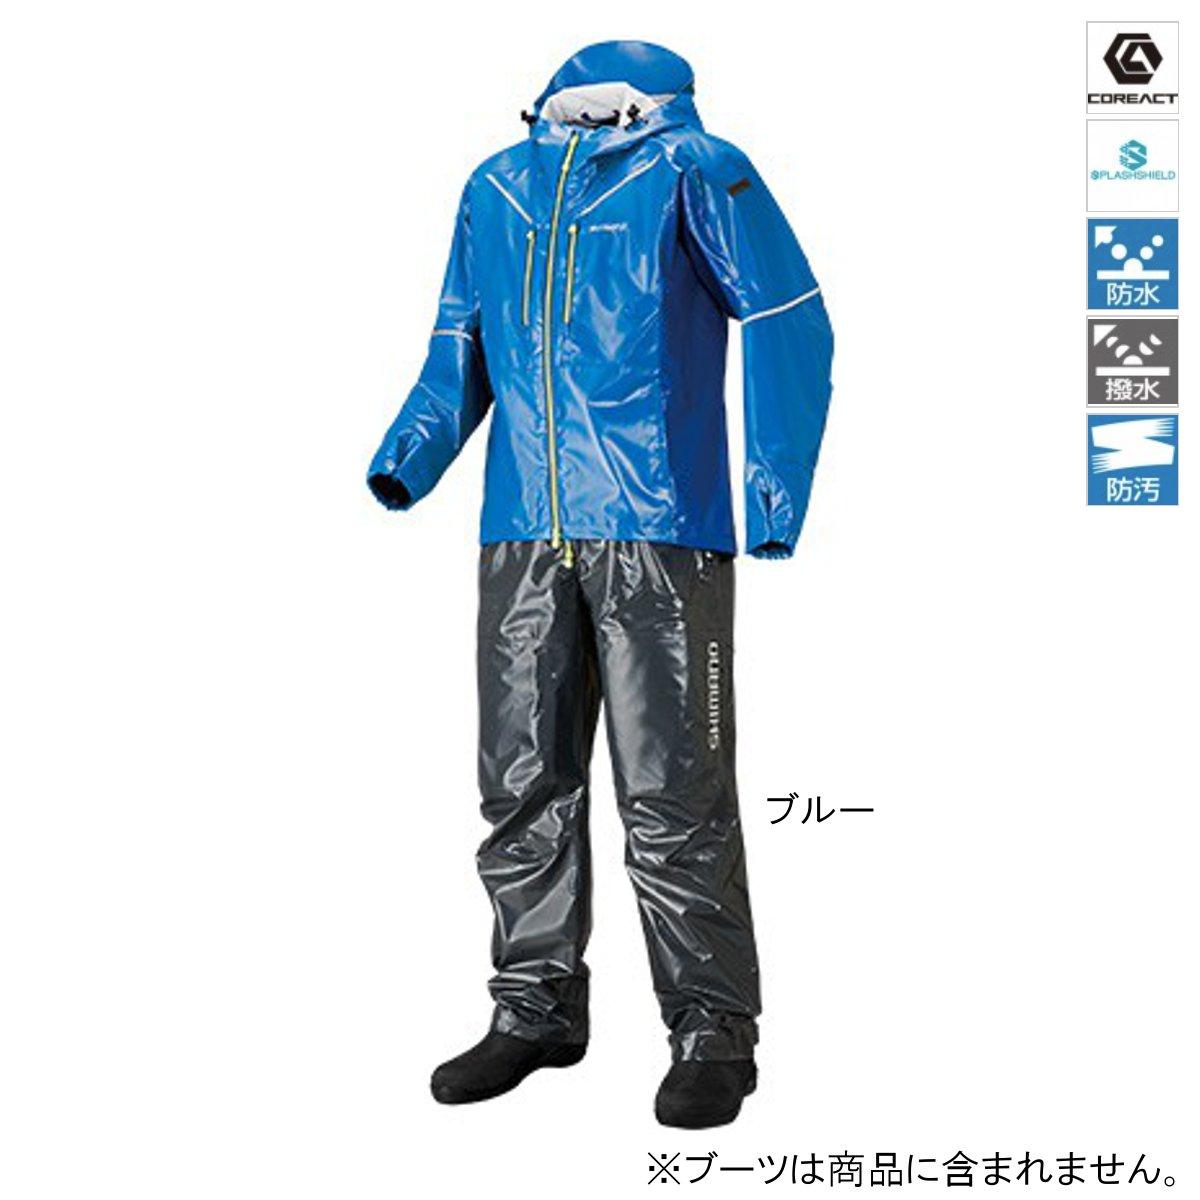 シマノ SS・3Dマリンスーツ RA-033R L ブルー【送料無料】